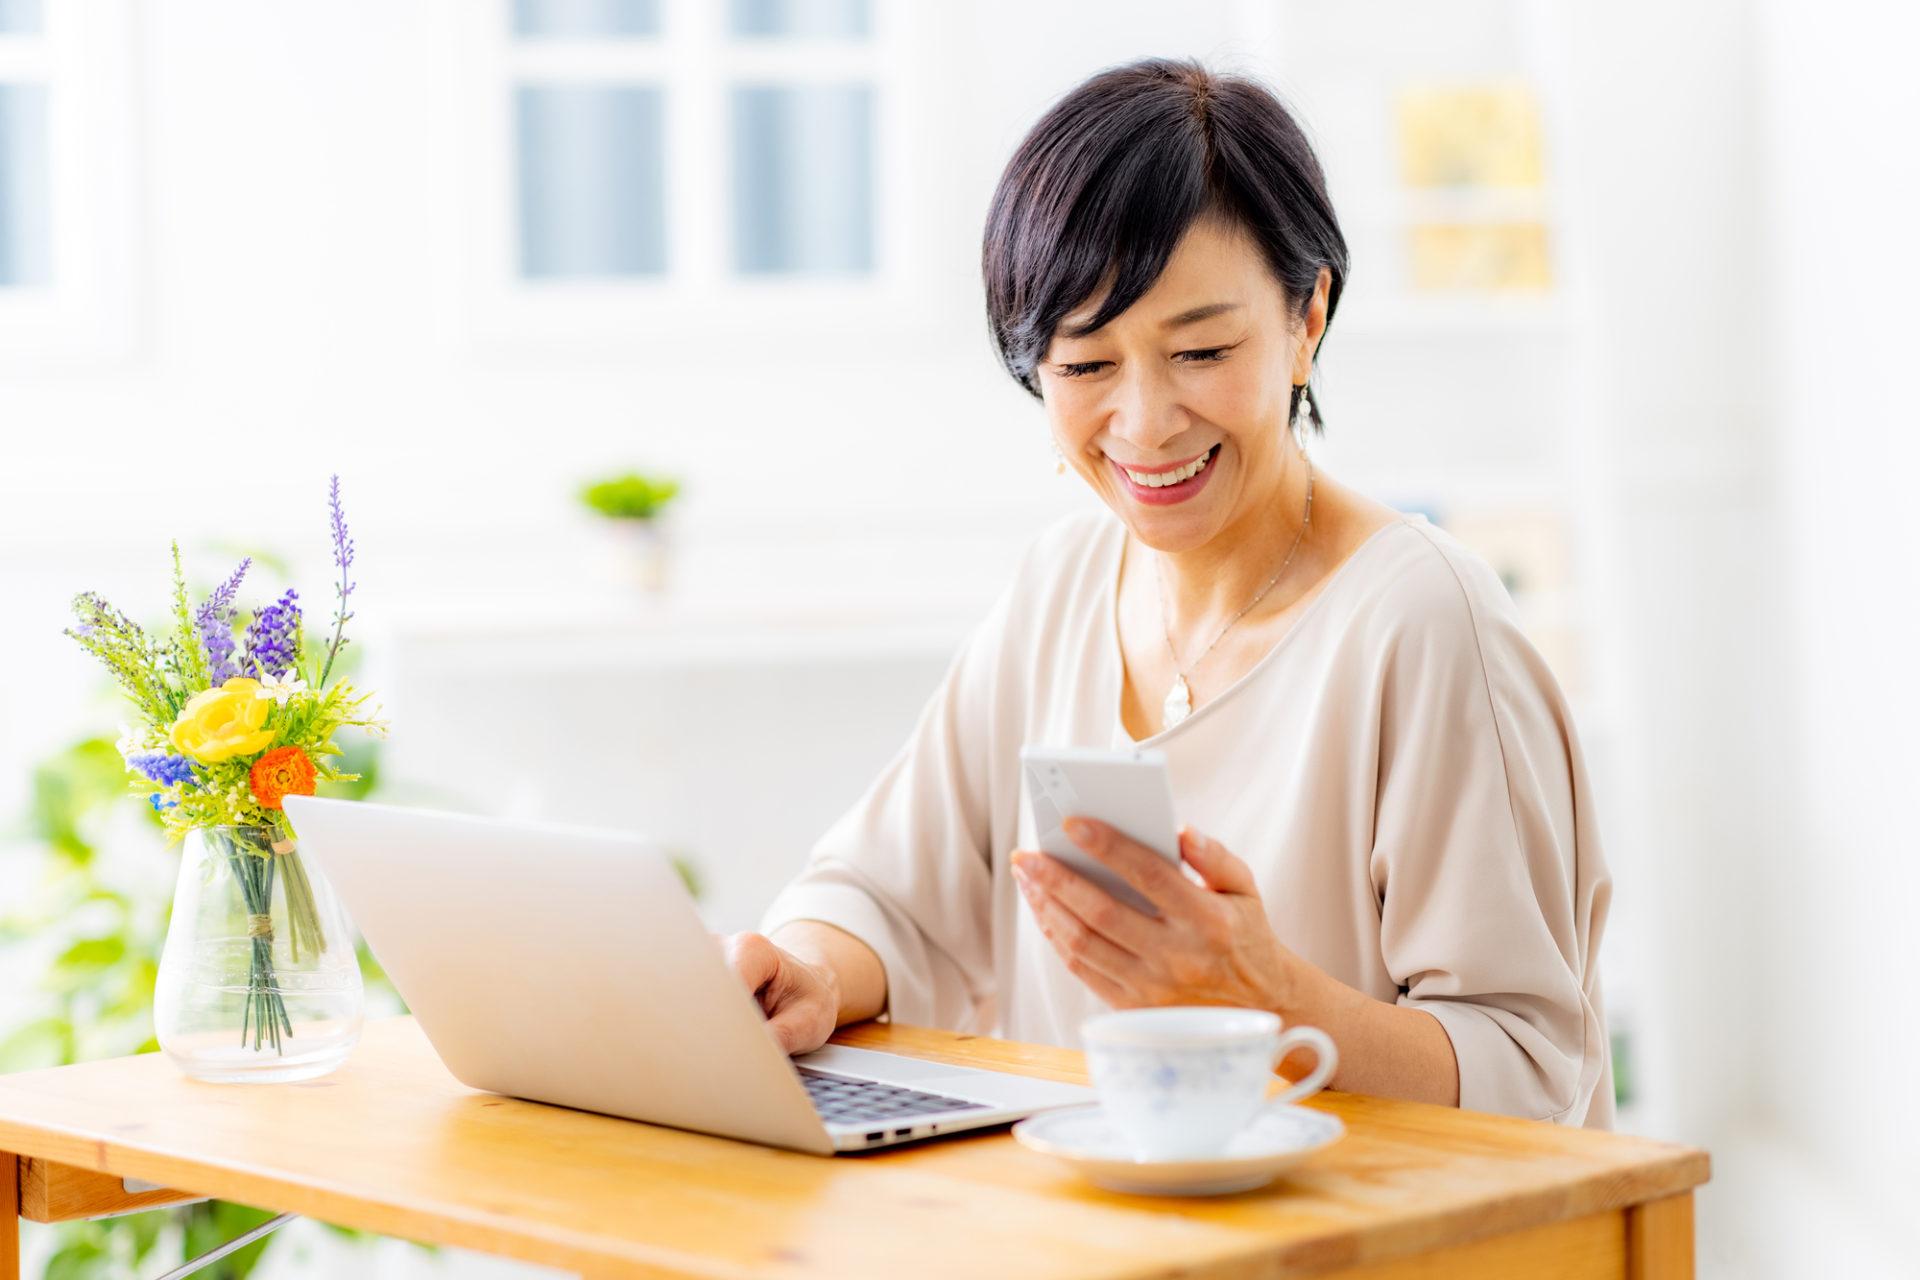 パソコンでプログラミングするシニア女性